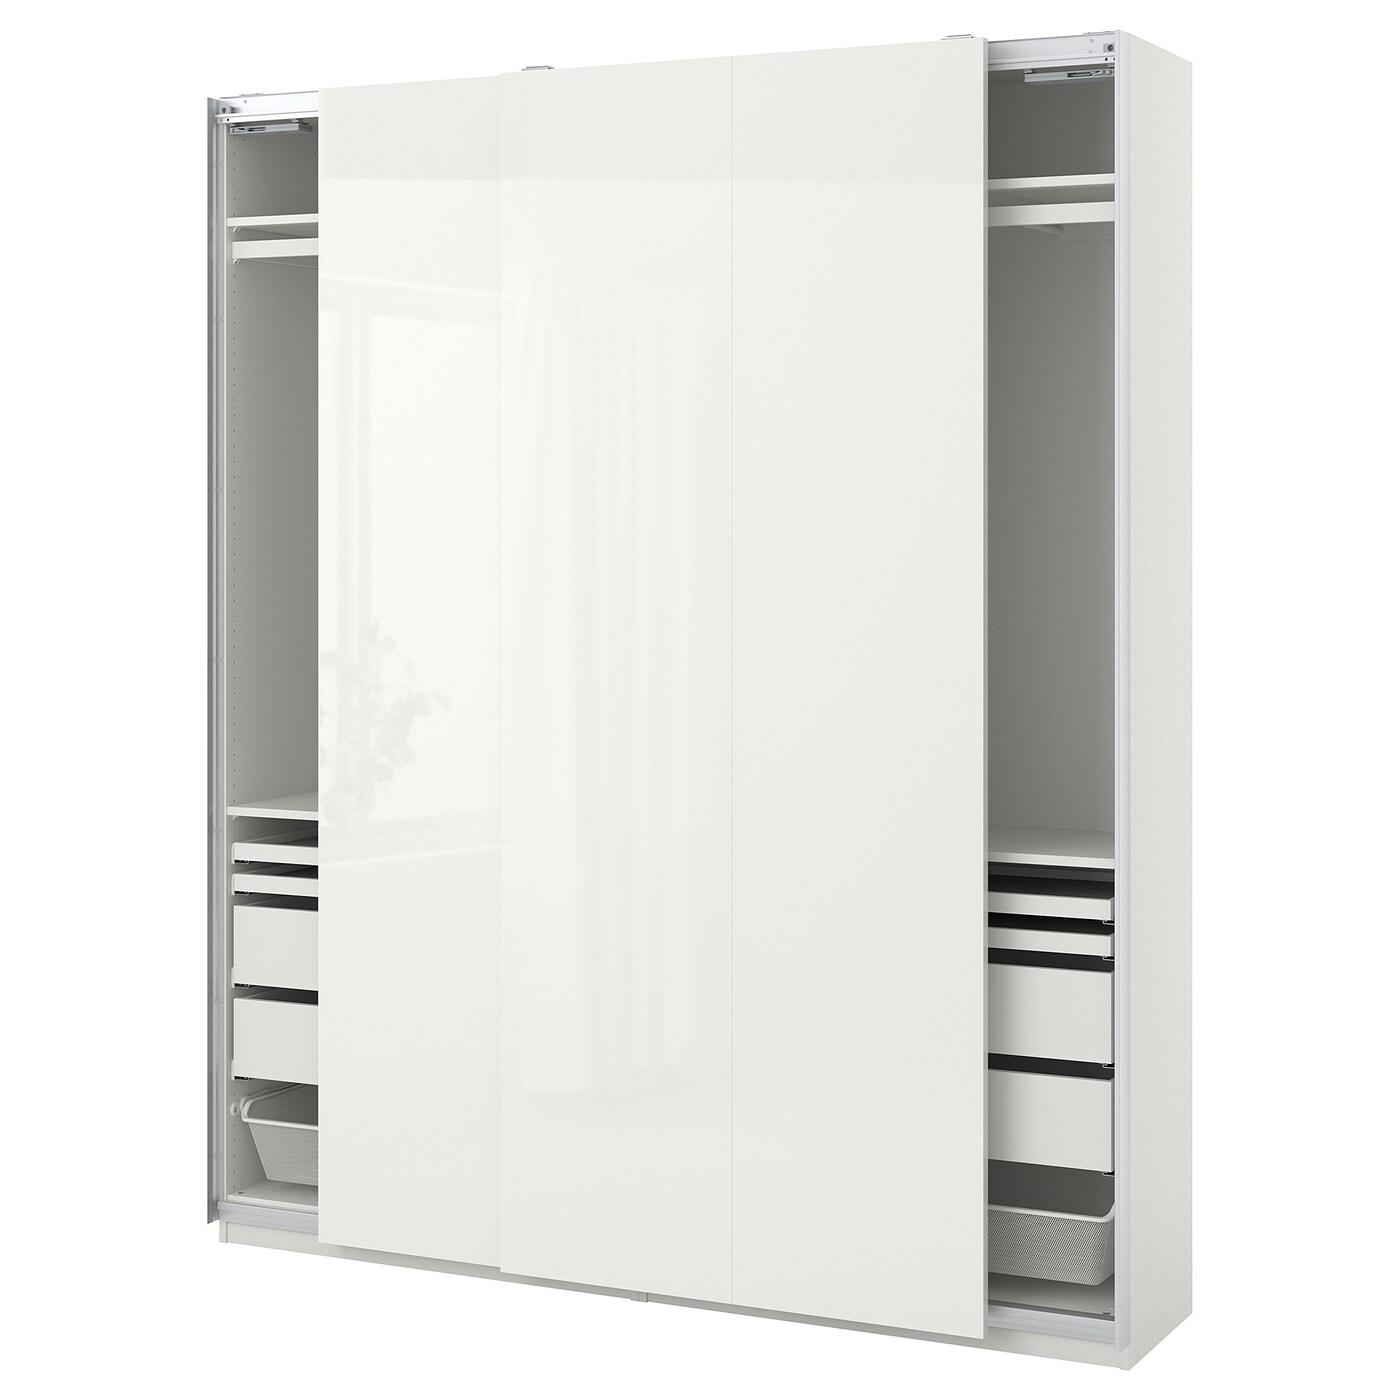 Ikea Pax Ante Scorrevoli Istruzioni Montaggio.Pax Hasvik Combinazione Di Guardaroba Bianco Lucido Bianco Ikea